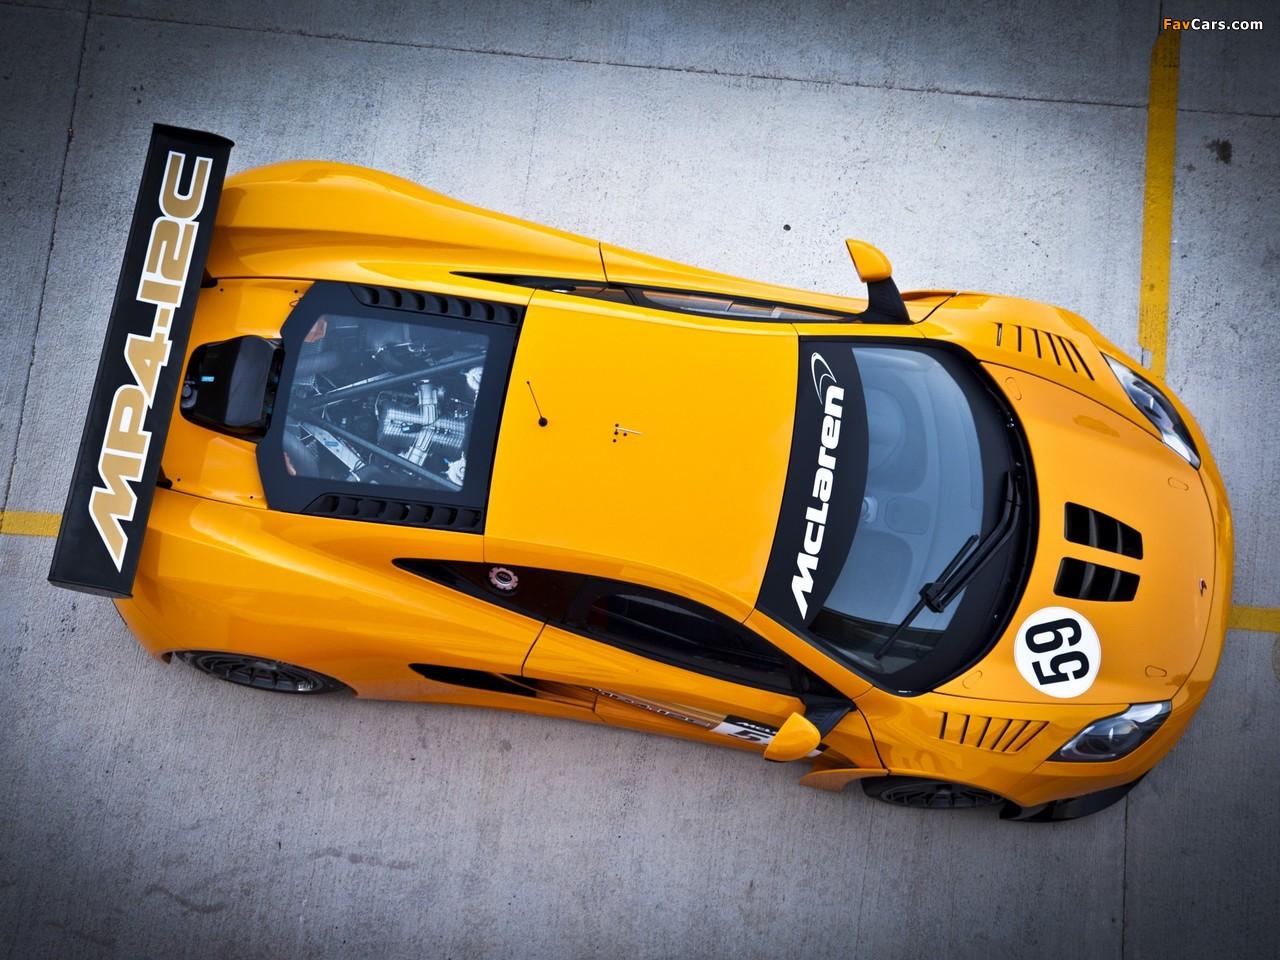 желтый спортивный автомобиль McLaren MP4 12C GT3  № 667665 без смс